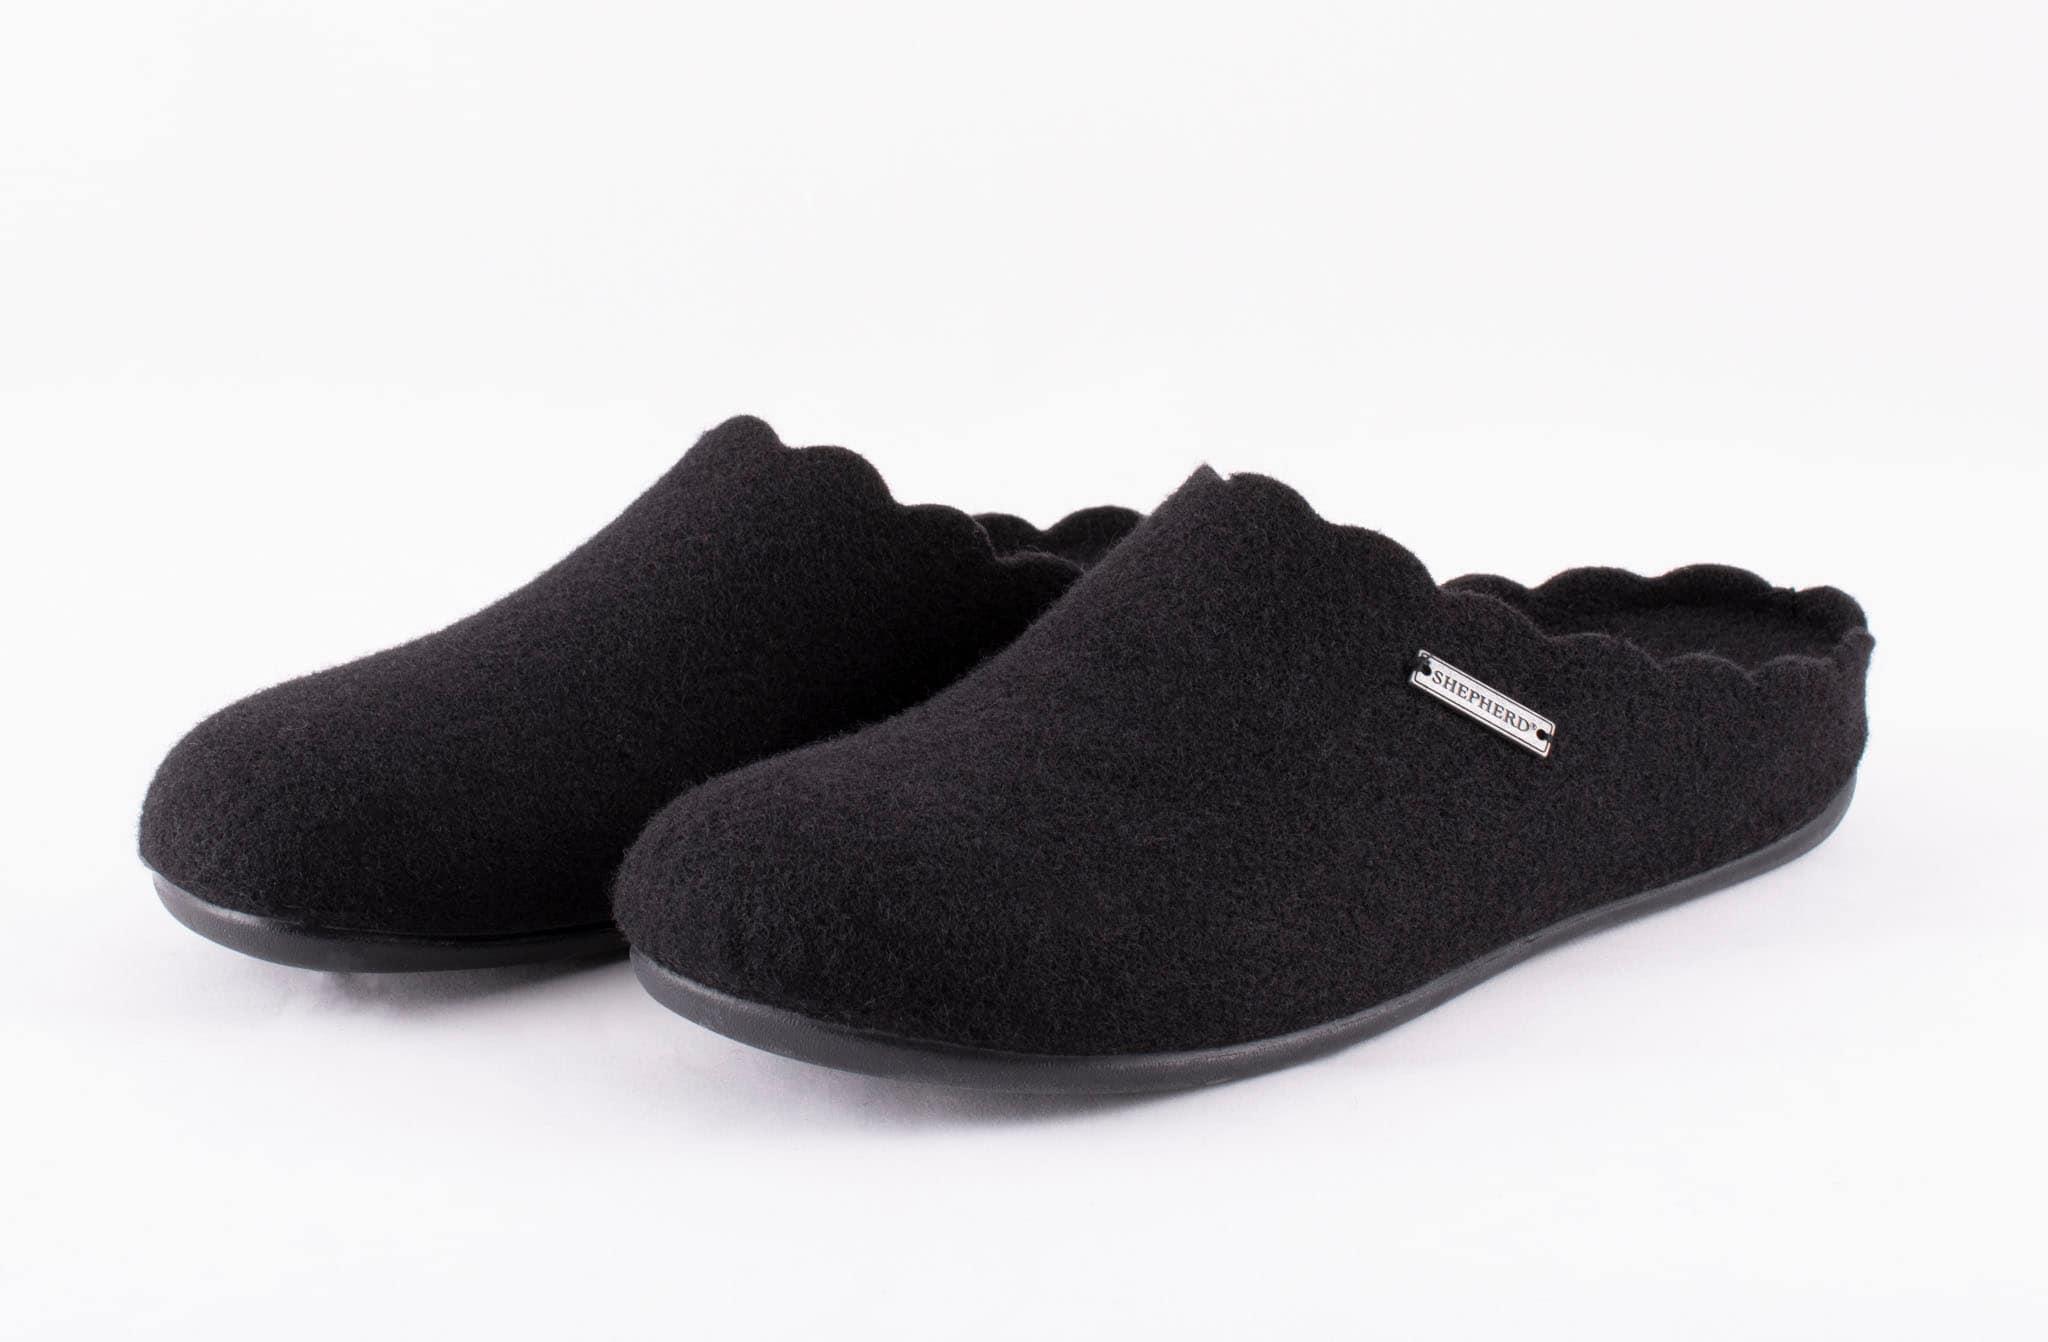 Shepherd Paulina slippers